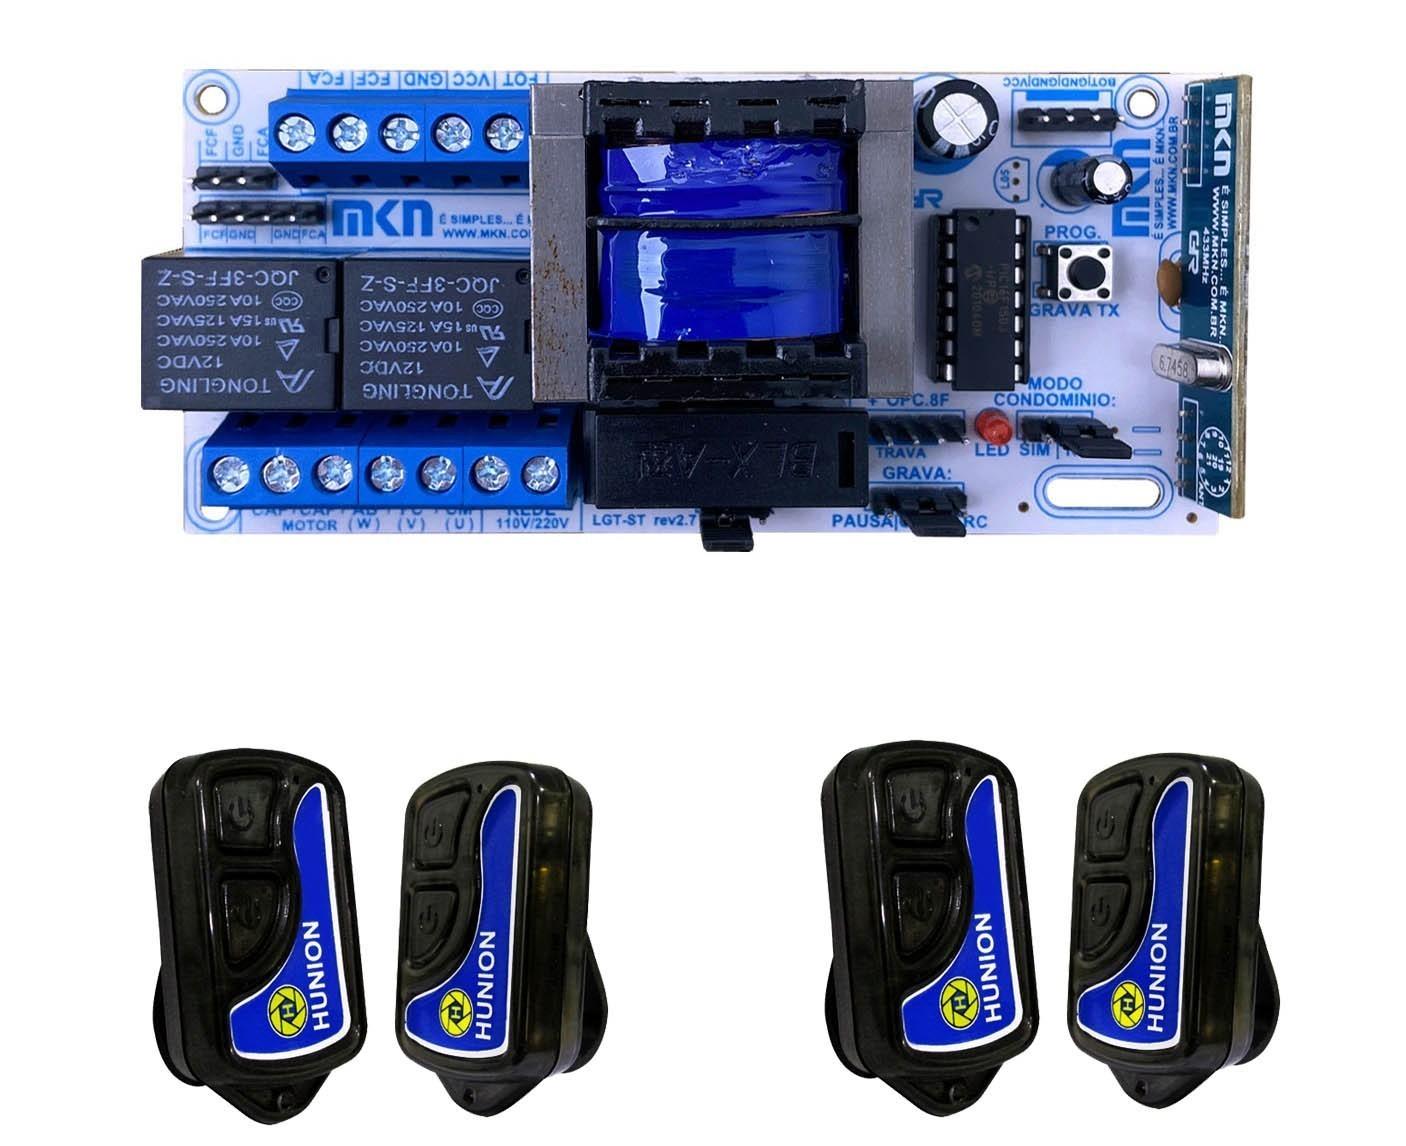 Kit Central Placa De Comando Portão Automático 04 Controles